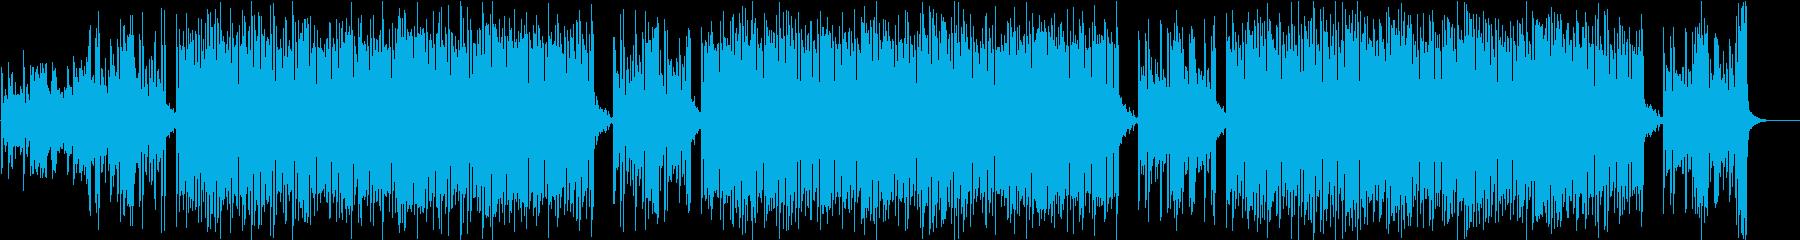 かわいいベルが主役うきうきポップな日常dの再生済みの波形